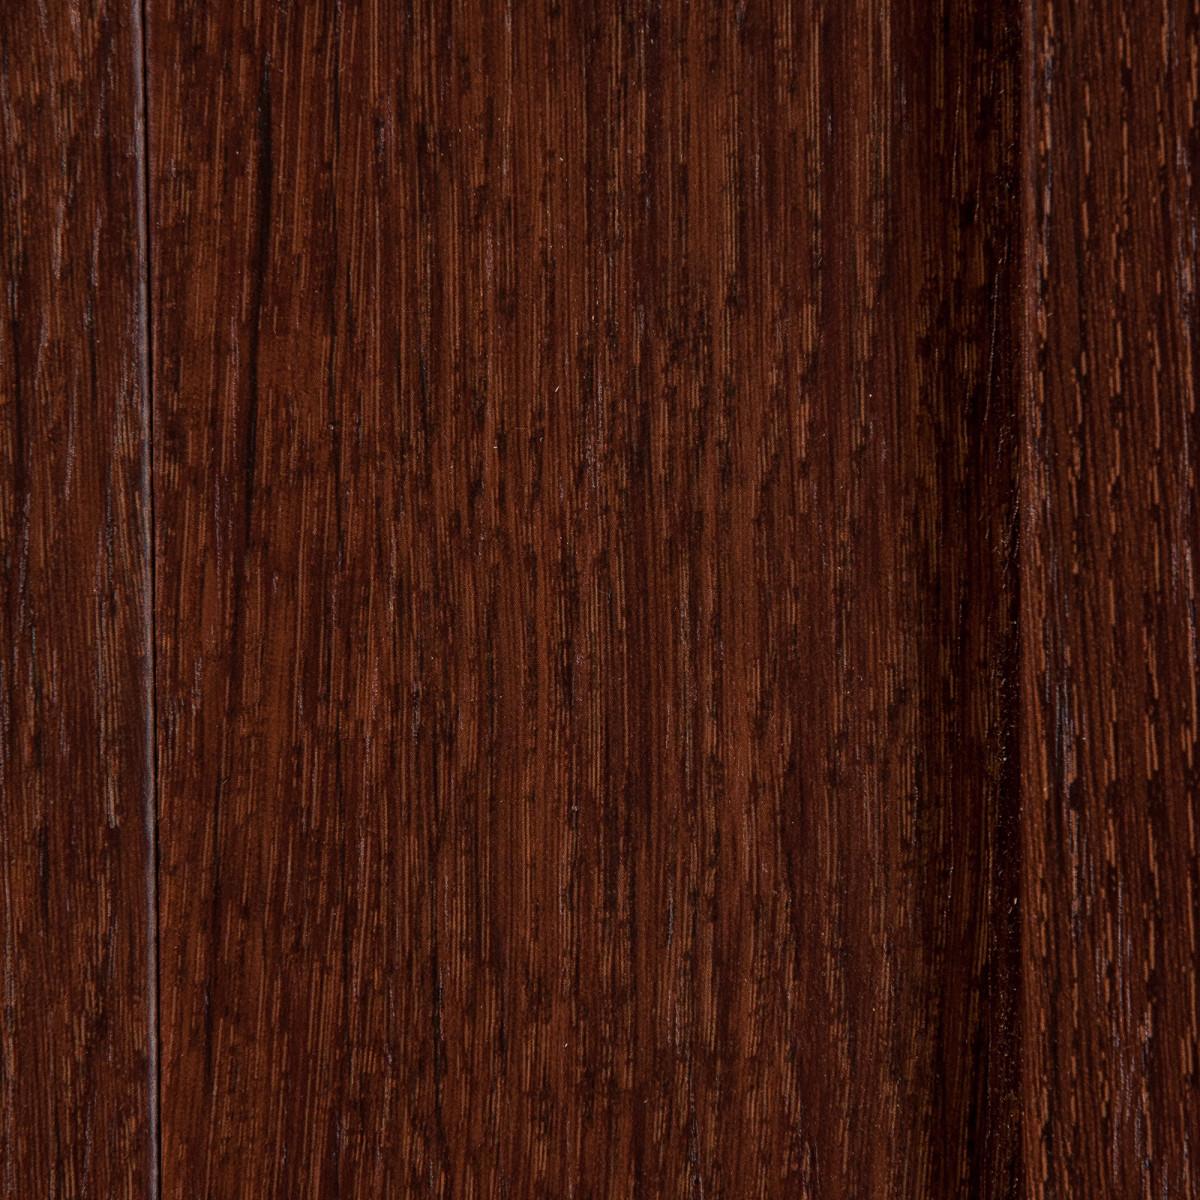 Дверь Межкомнатная Глухая Кантри 90x200 Пвх Цвет Дуб Сан-Томе С Фурнитурой